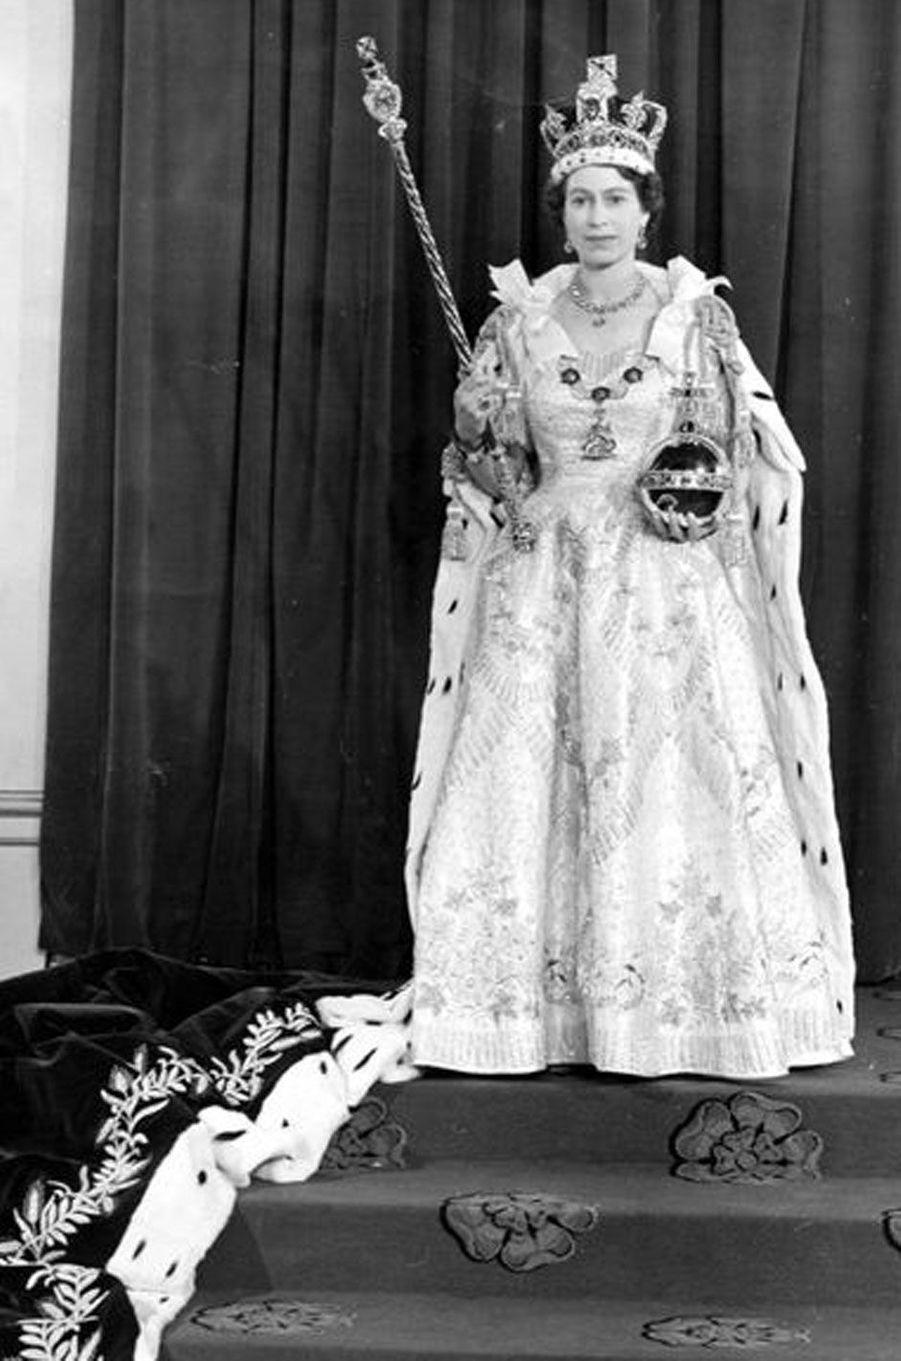 Après avoir reçu ses attributs de reine, le 2 juin 1953